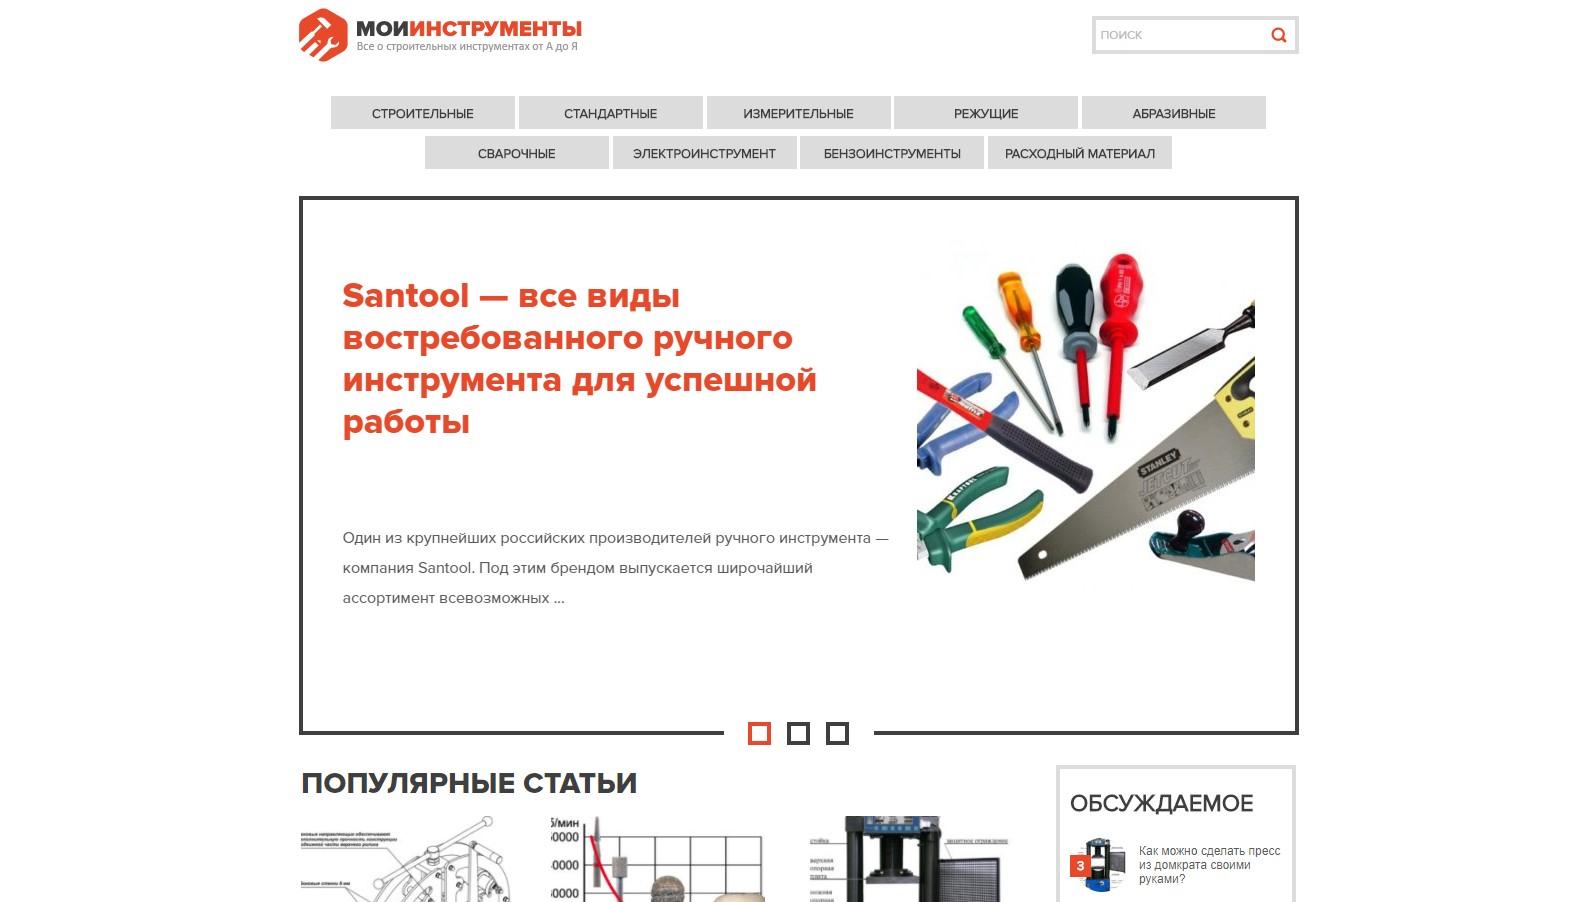 Реклама для своего сайта бесплатно яндексдирект задний мост подвеска мерседес е 210